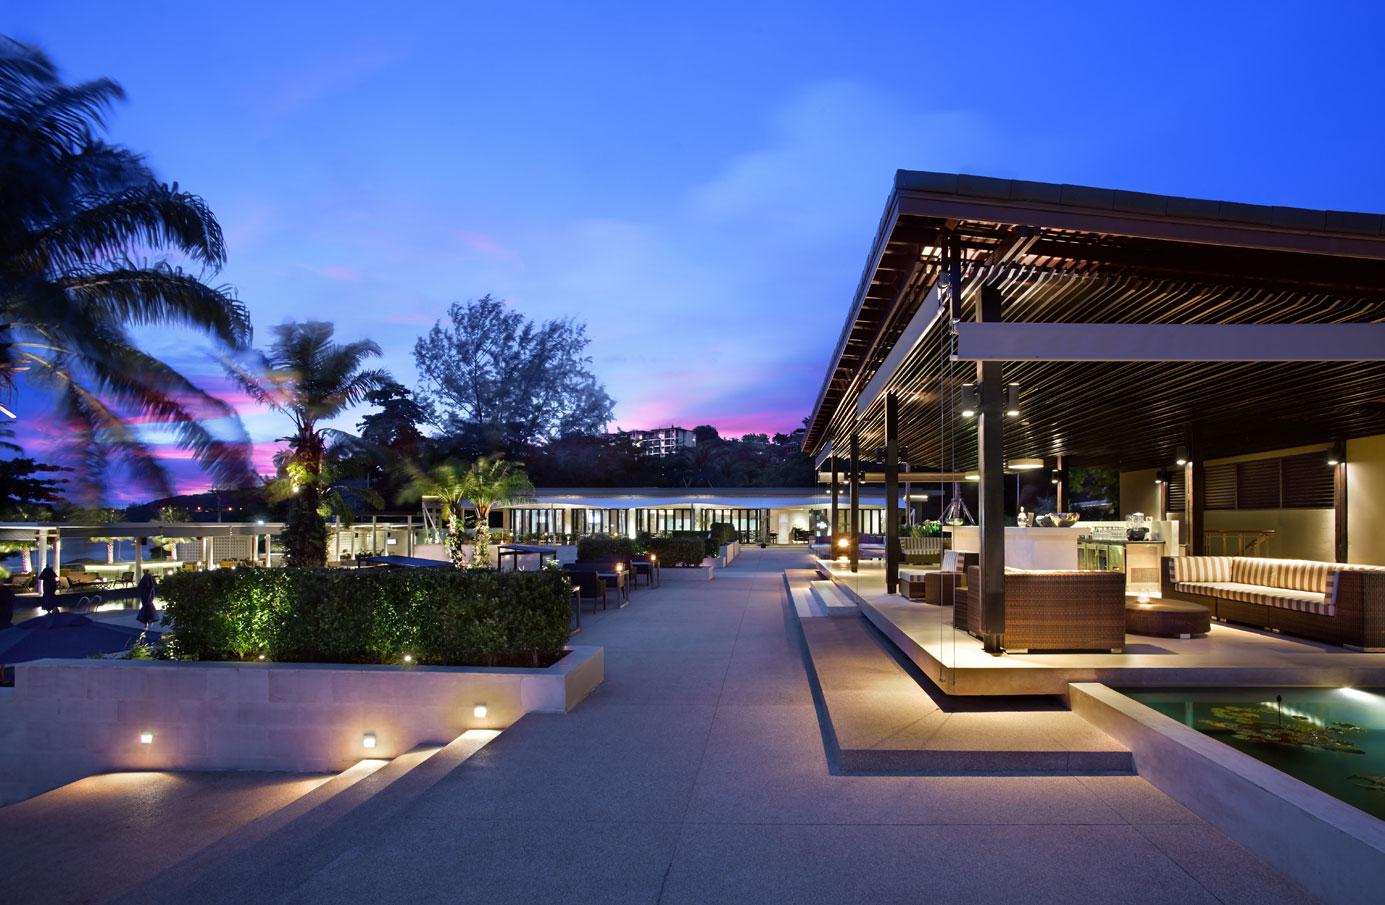 012—Hyatt-Regency-Phuket-Resort—The-Upper-Pool-Bar